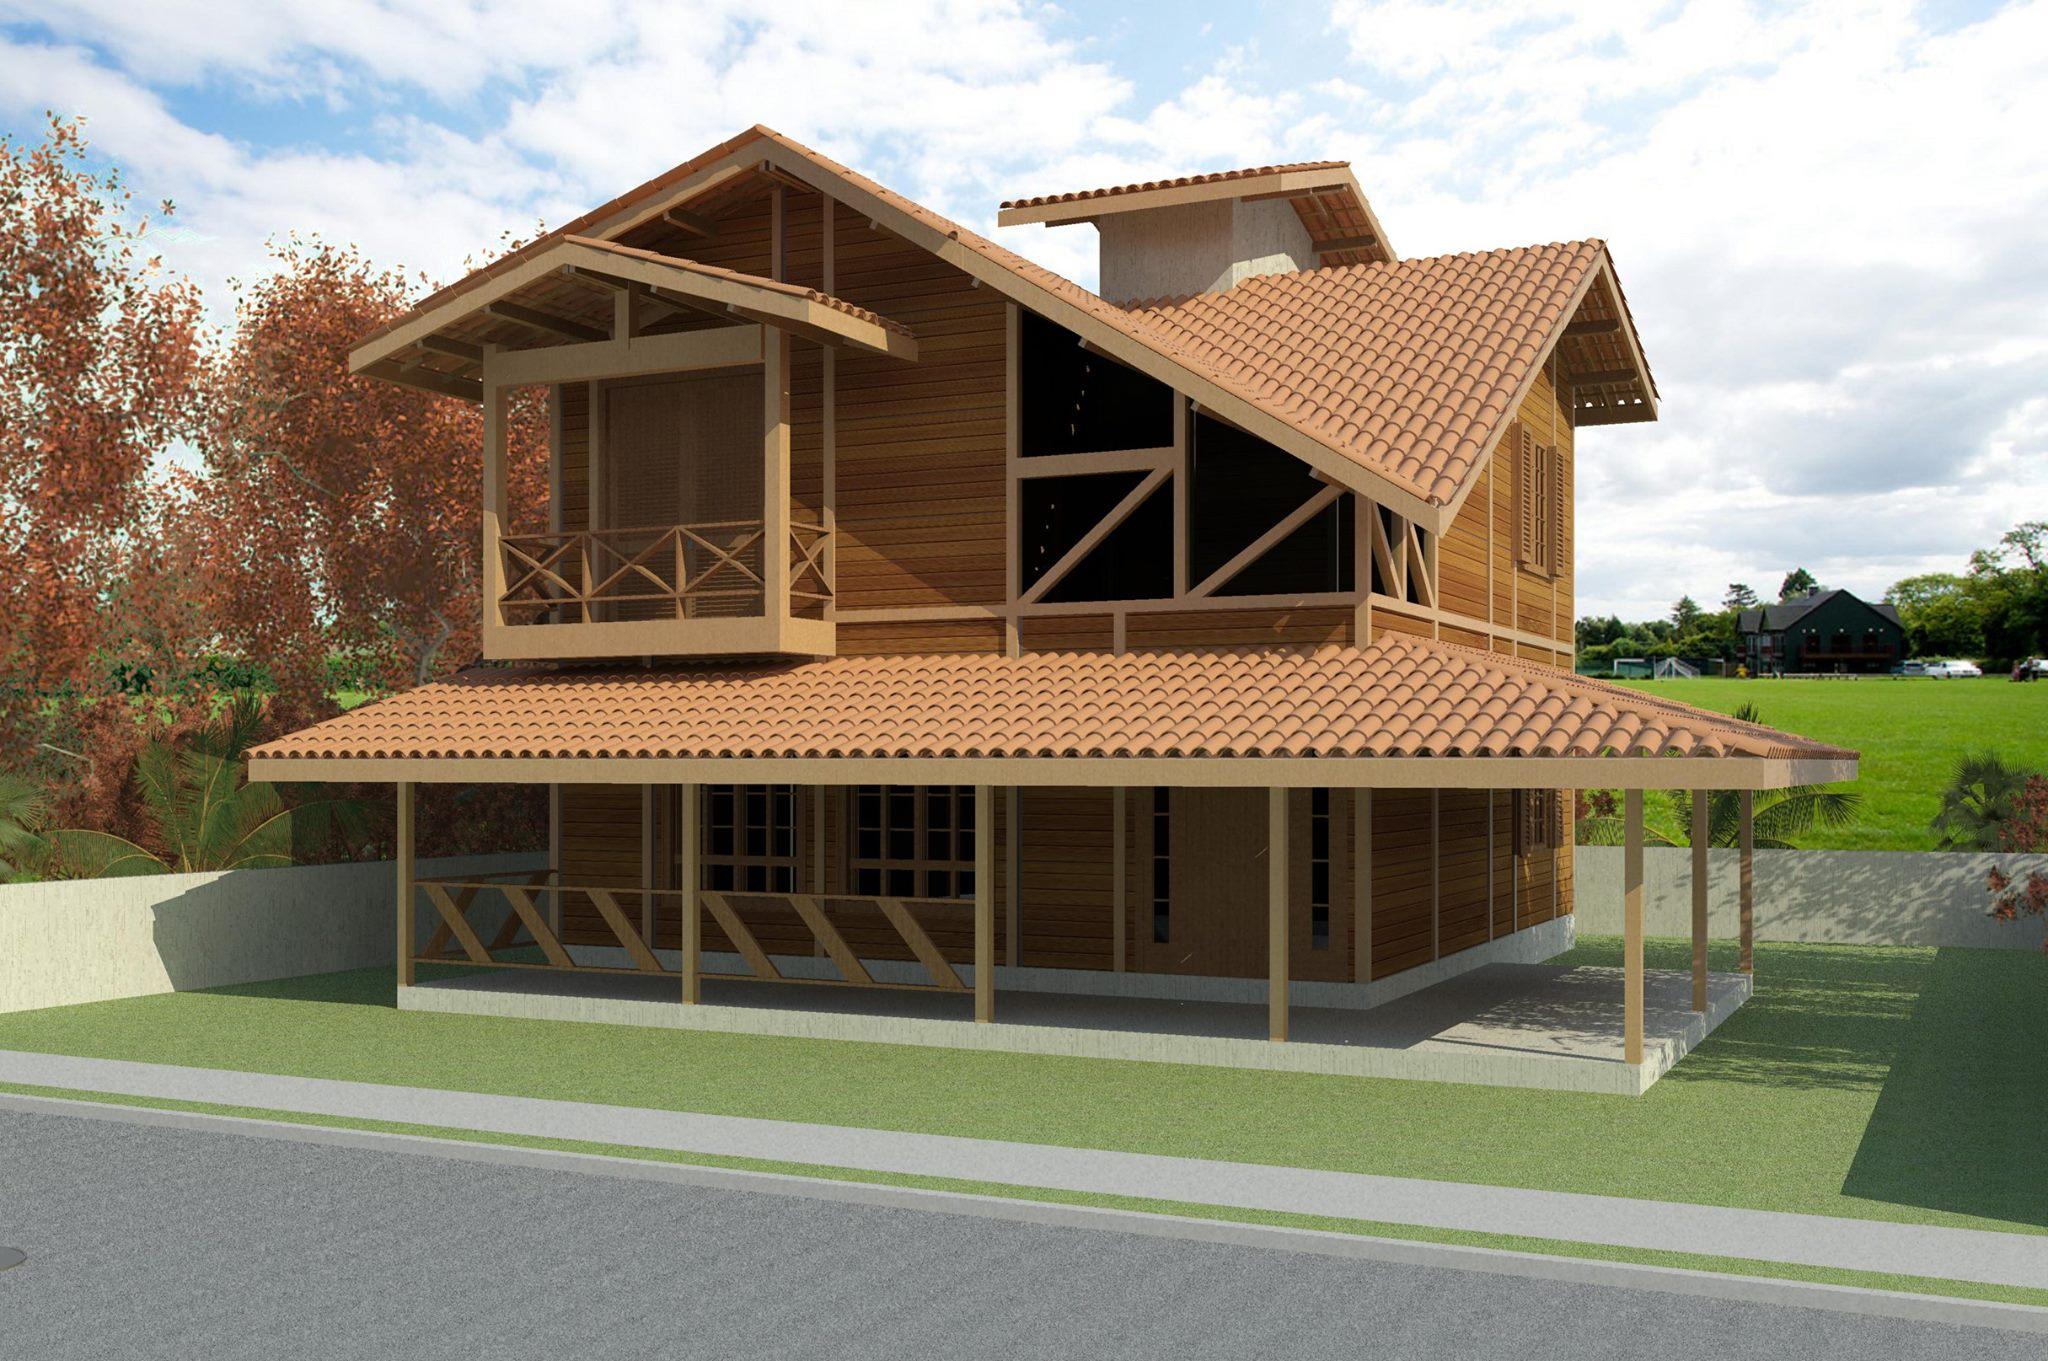 Casa de Madeira - Vargem Alta-ES - 165,68 m² - Pré Casas